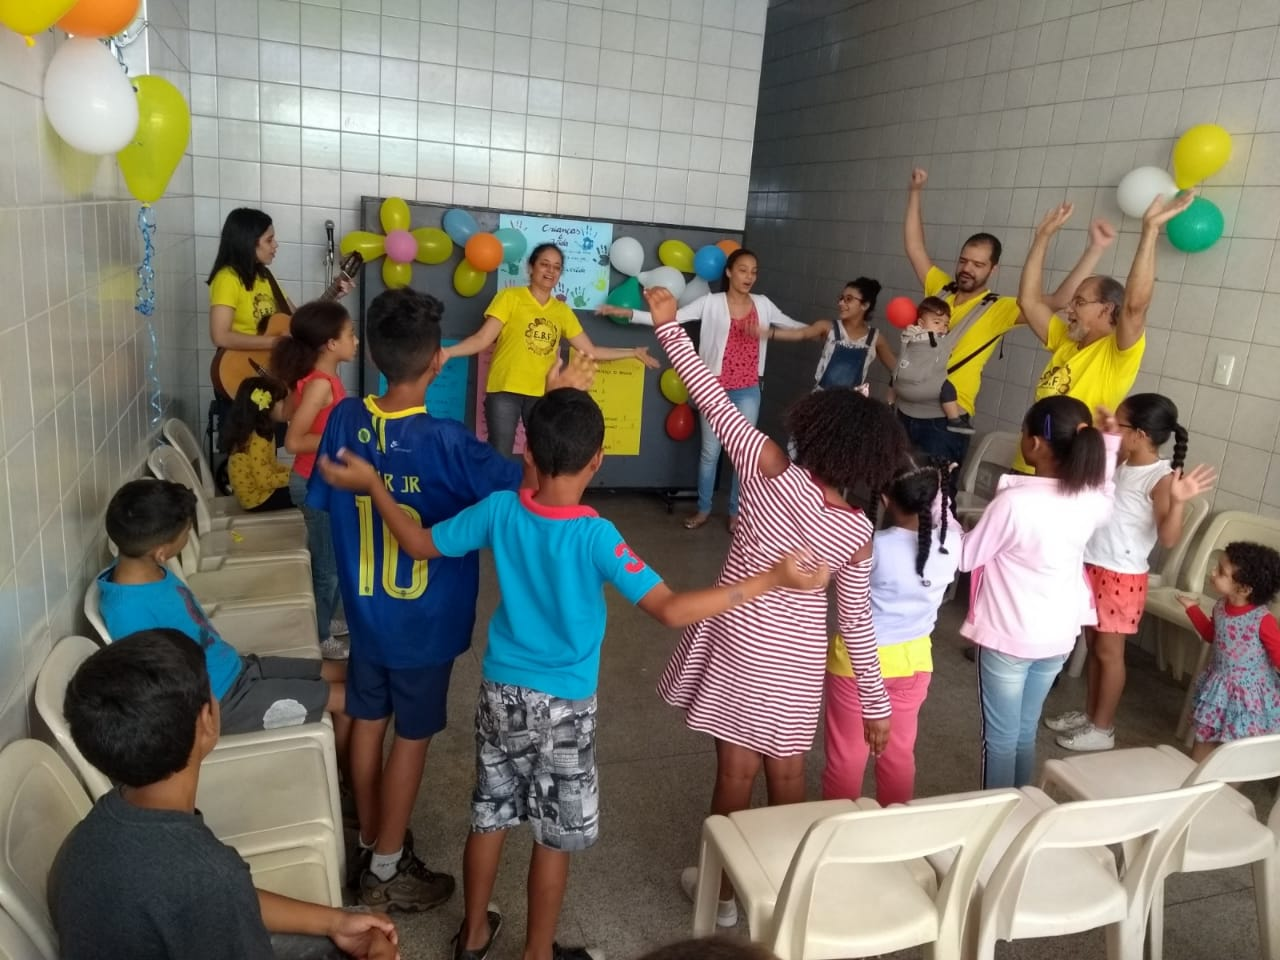 Tarde da Alegria - evangelismo com as crianças do bairro | Foto: arquivo IPD (2018)